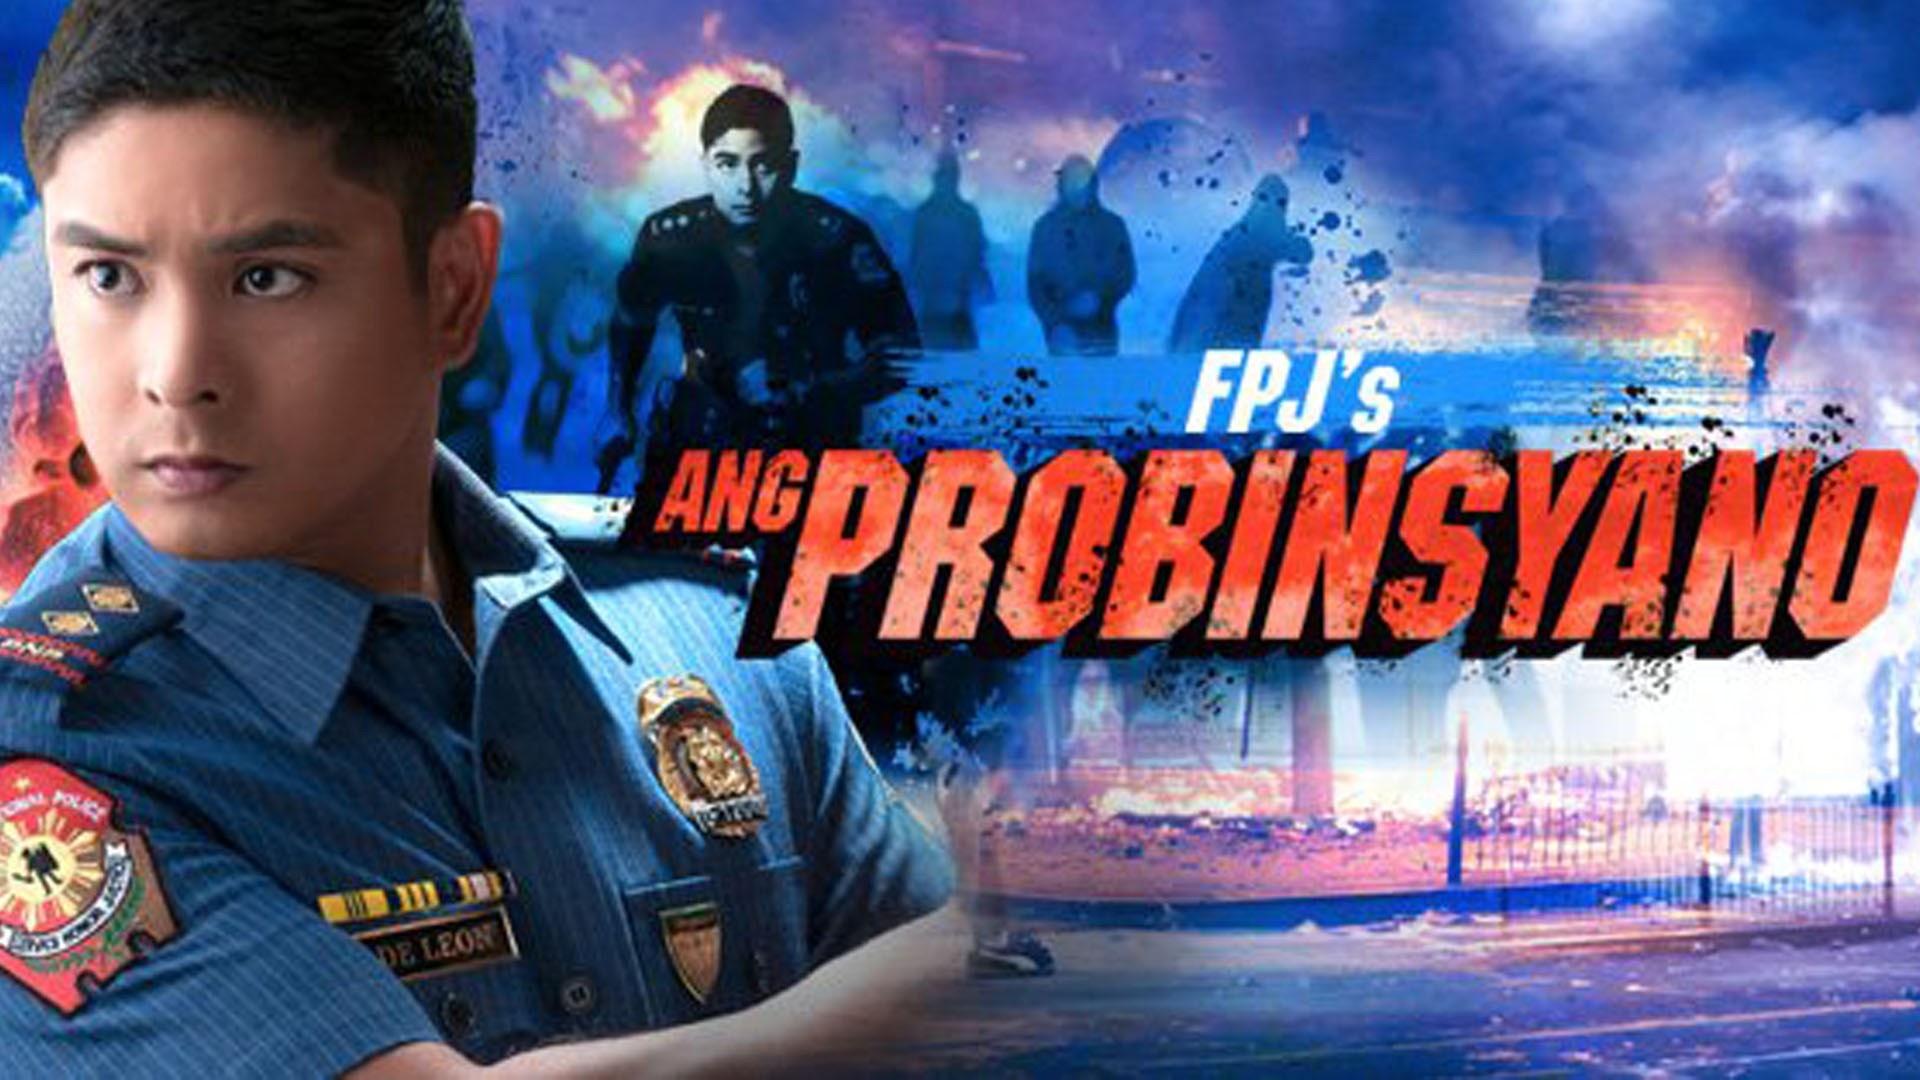 菲律賓爆紅警匪劇 3演員踏上從政之路|香港01|即時國際